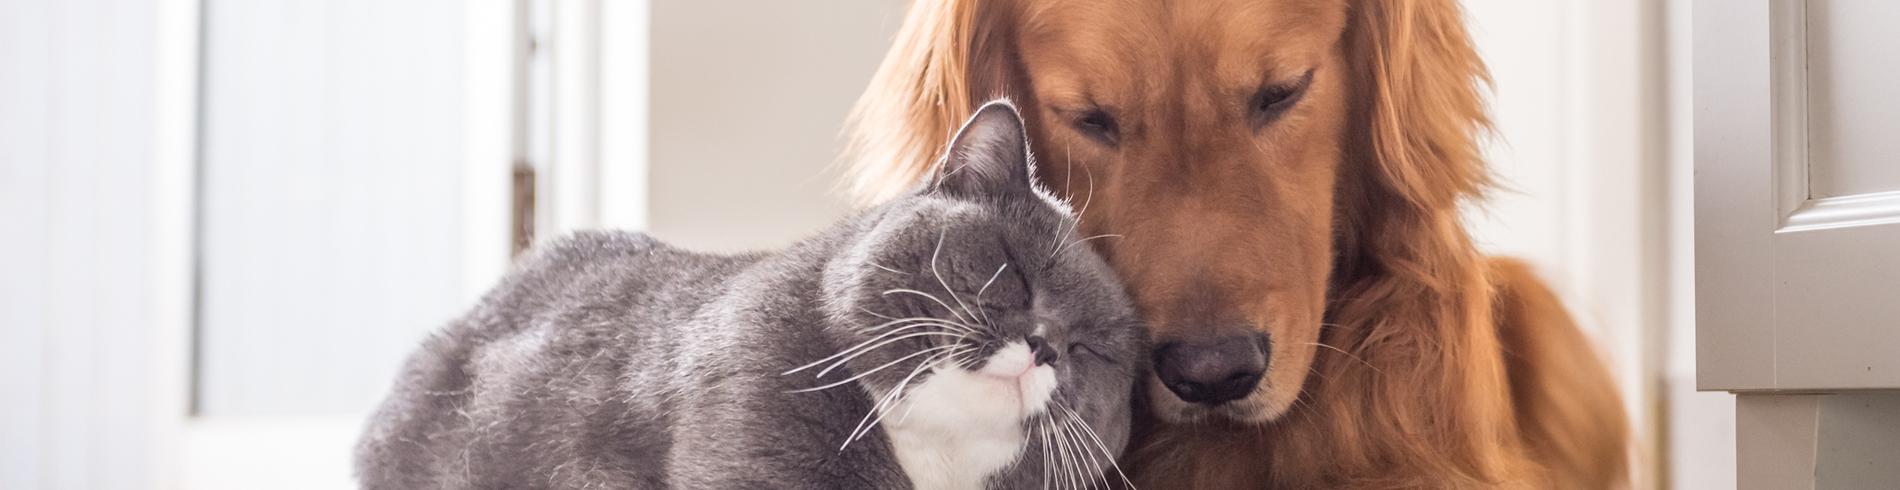 Servei animals de companyia